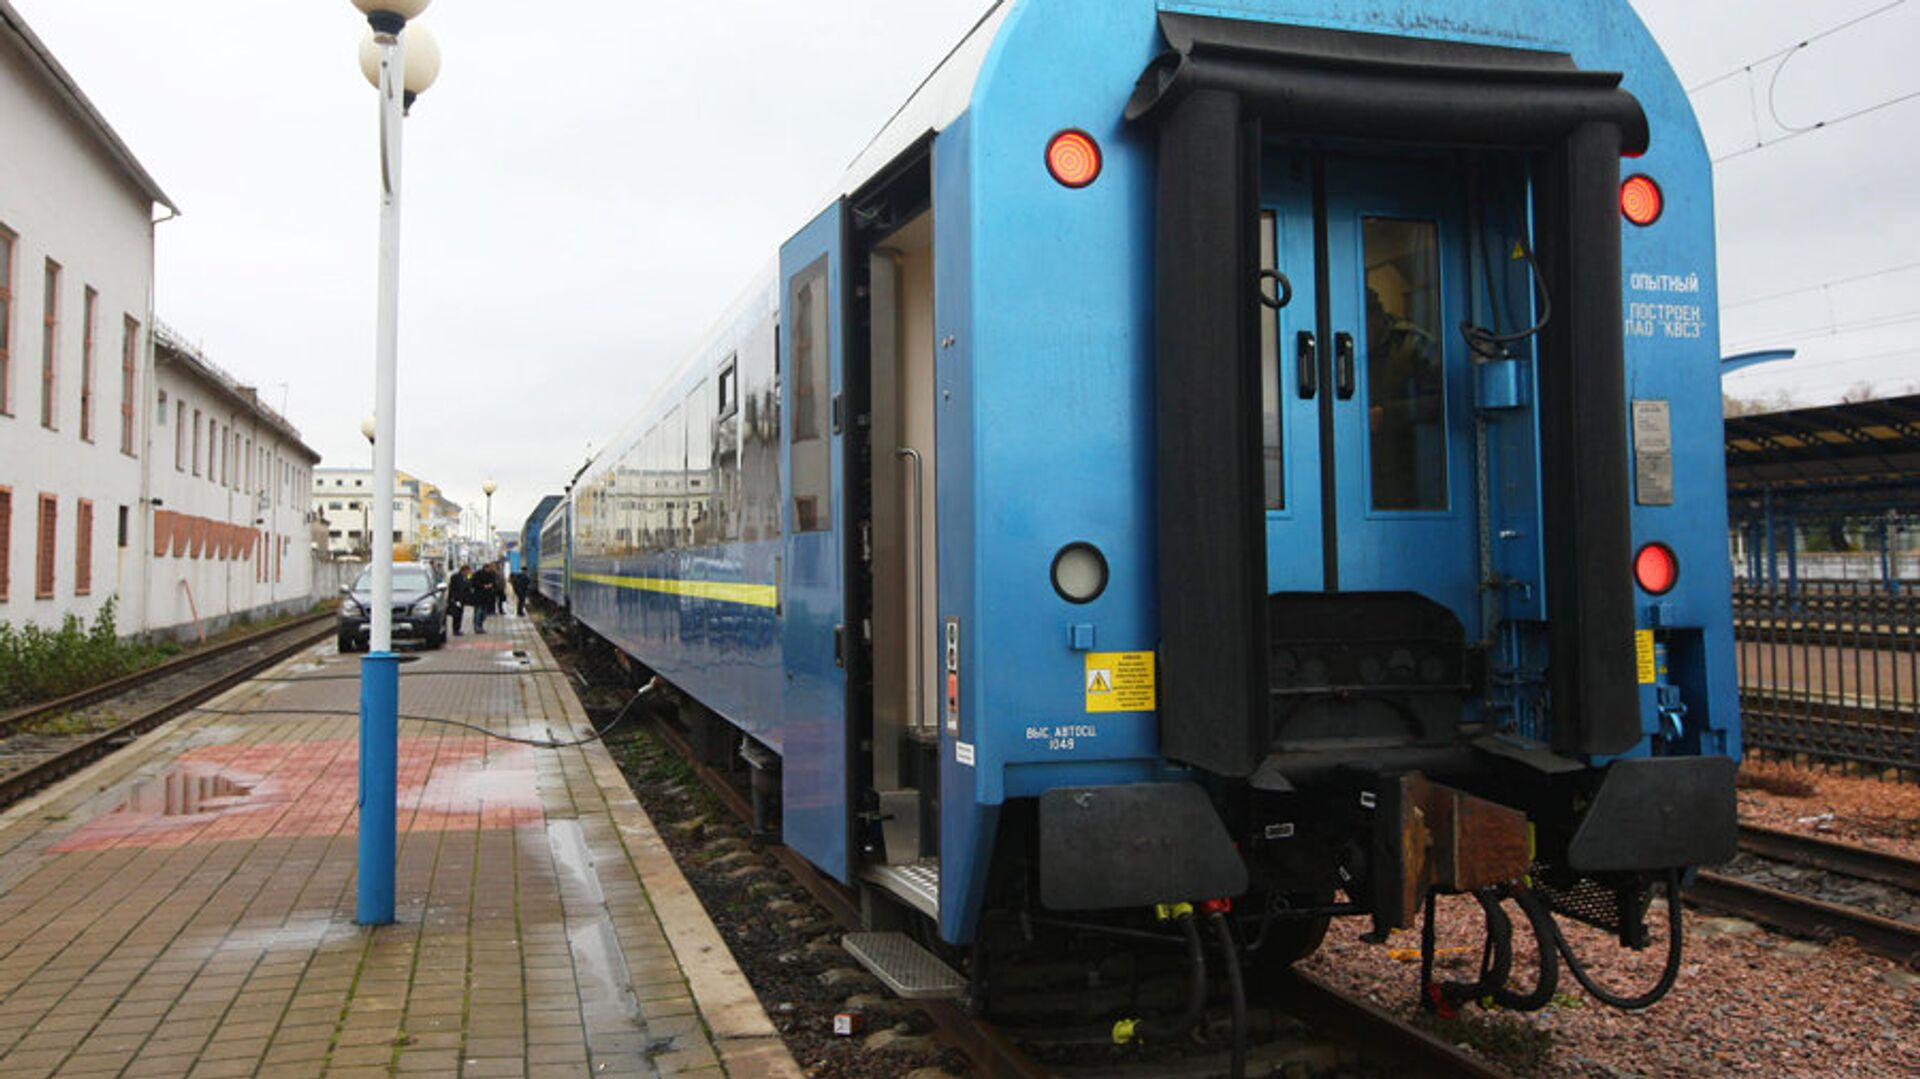 Поезд, который ОАО Укрзализныця запустила по маршруту Киев-Вена - РИА Новости, 1920, 17.01.2021